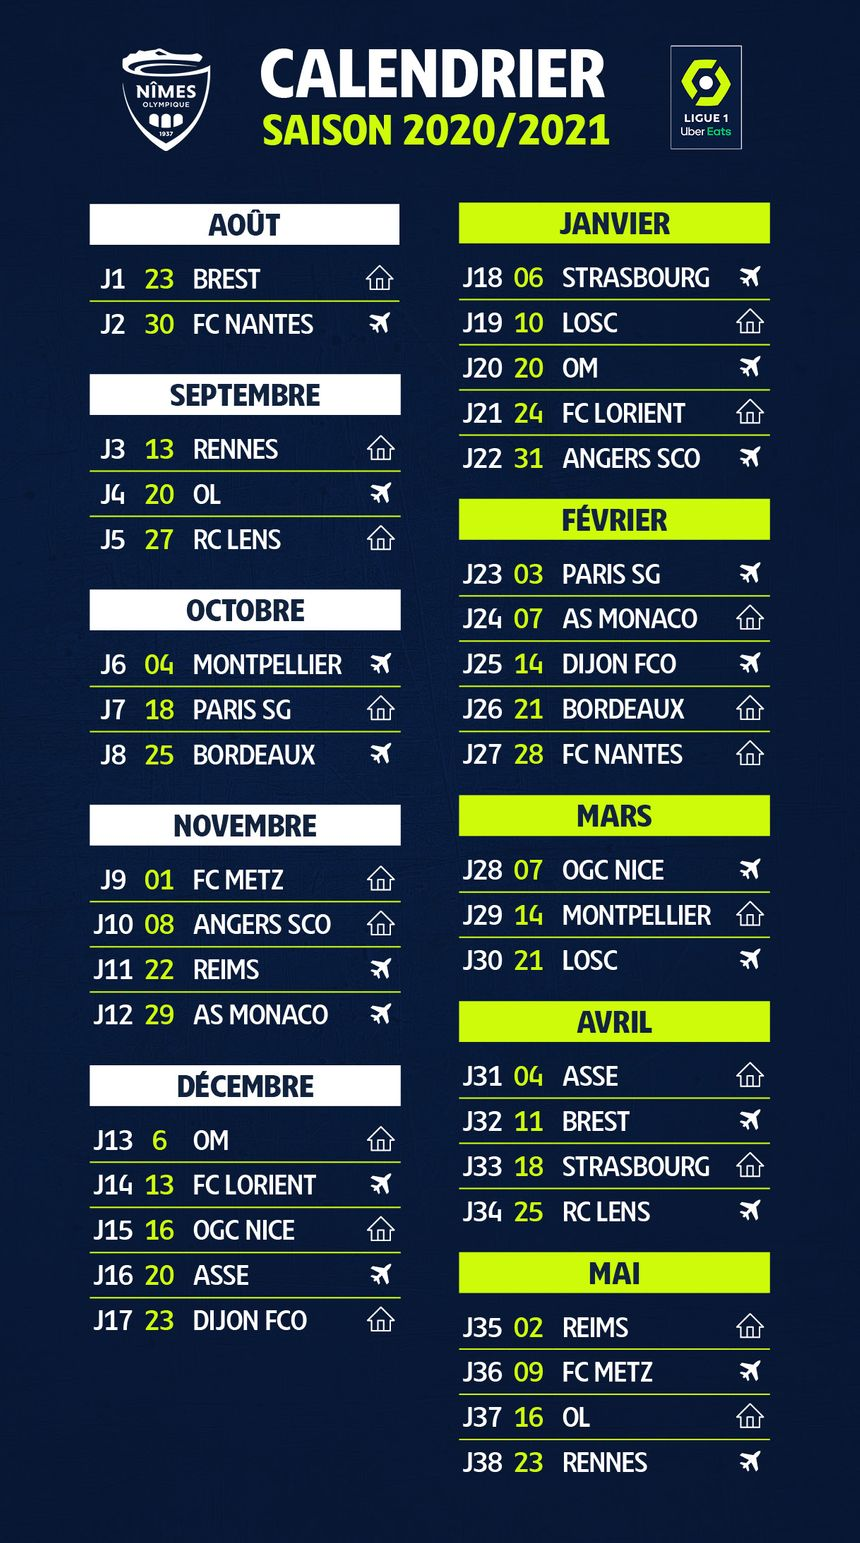 Calendrier Nimes Olympique 2021 Ligue 1 : le calendrier du Nîmes Olympique pour la saison 2020